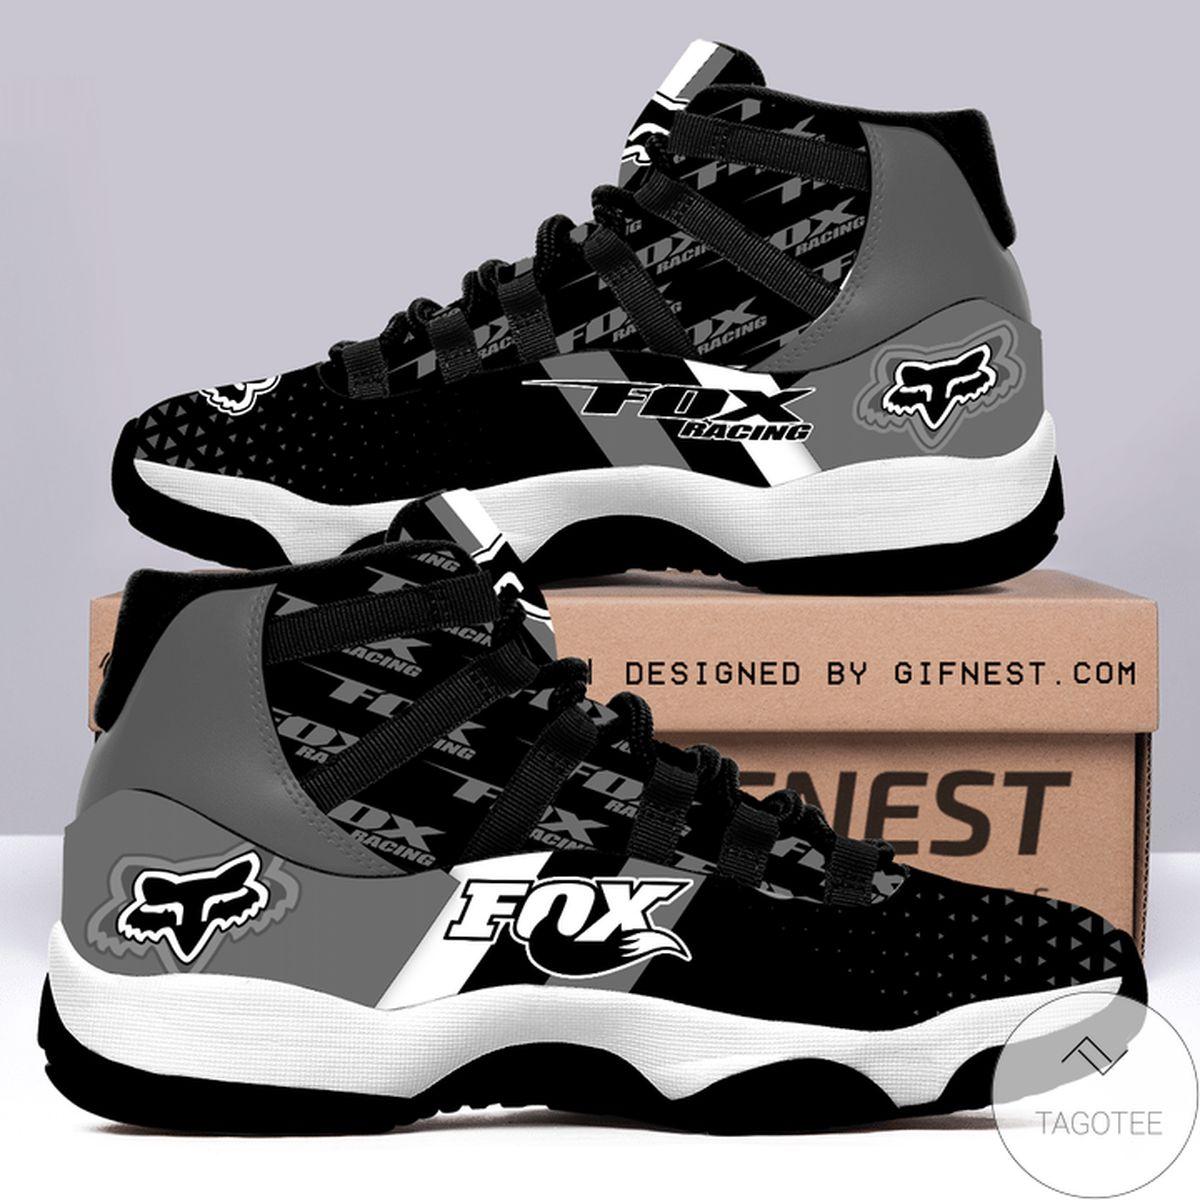 Beautiful Fox Racing Air Jordan 11 Shoes